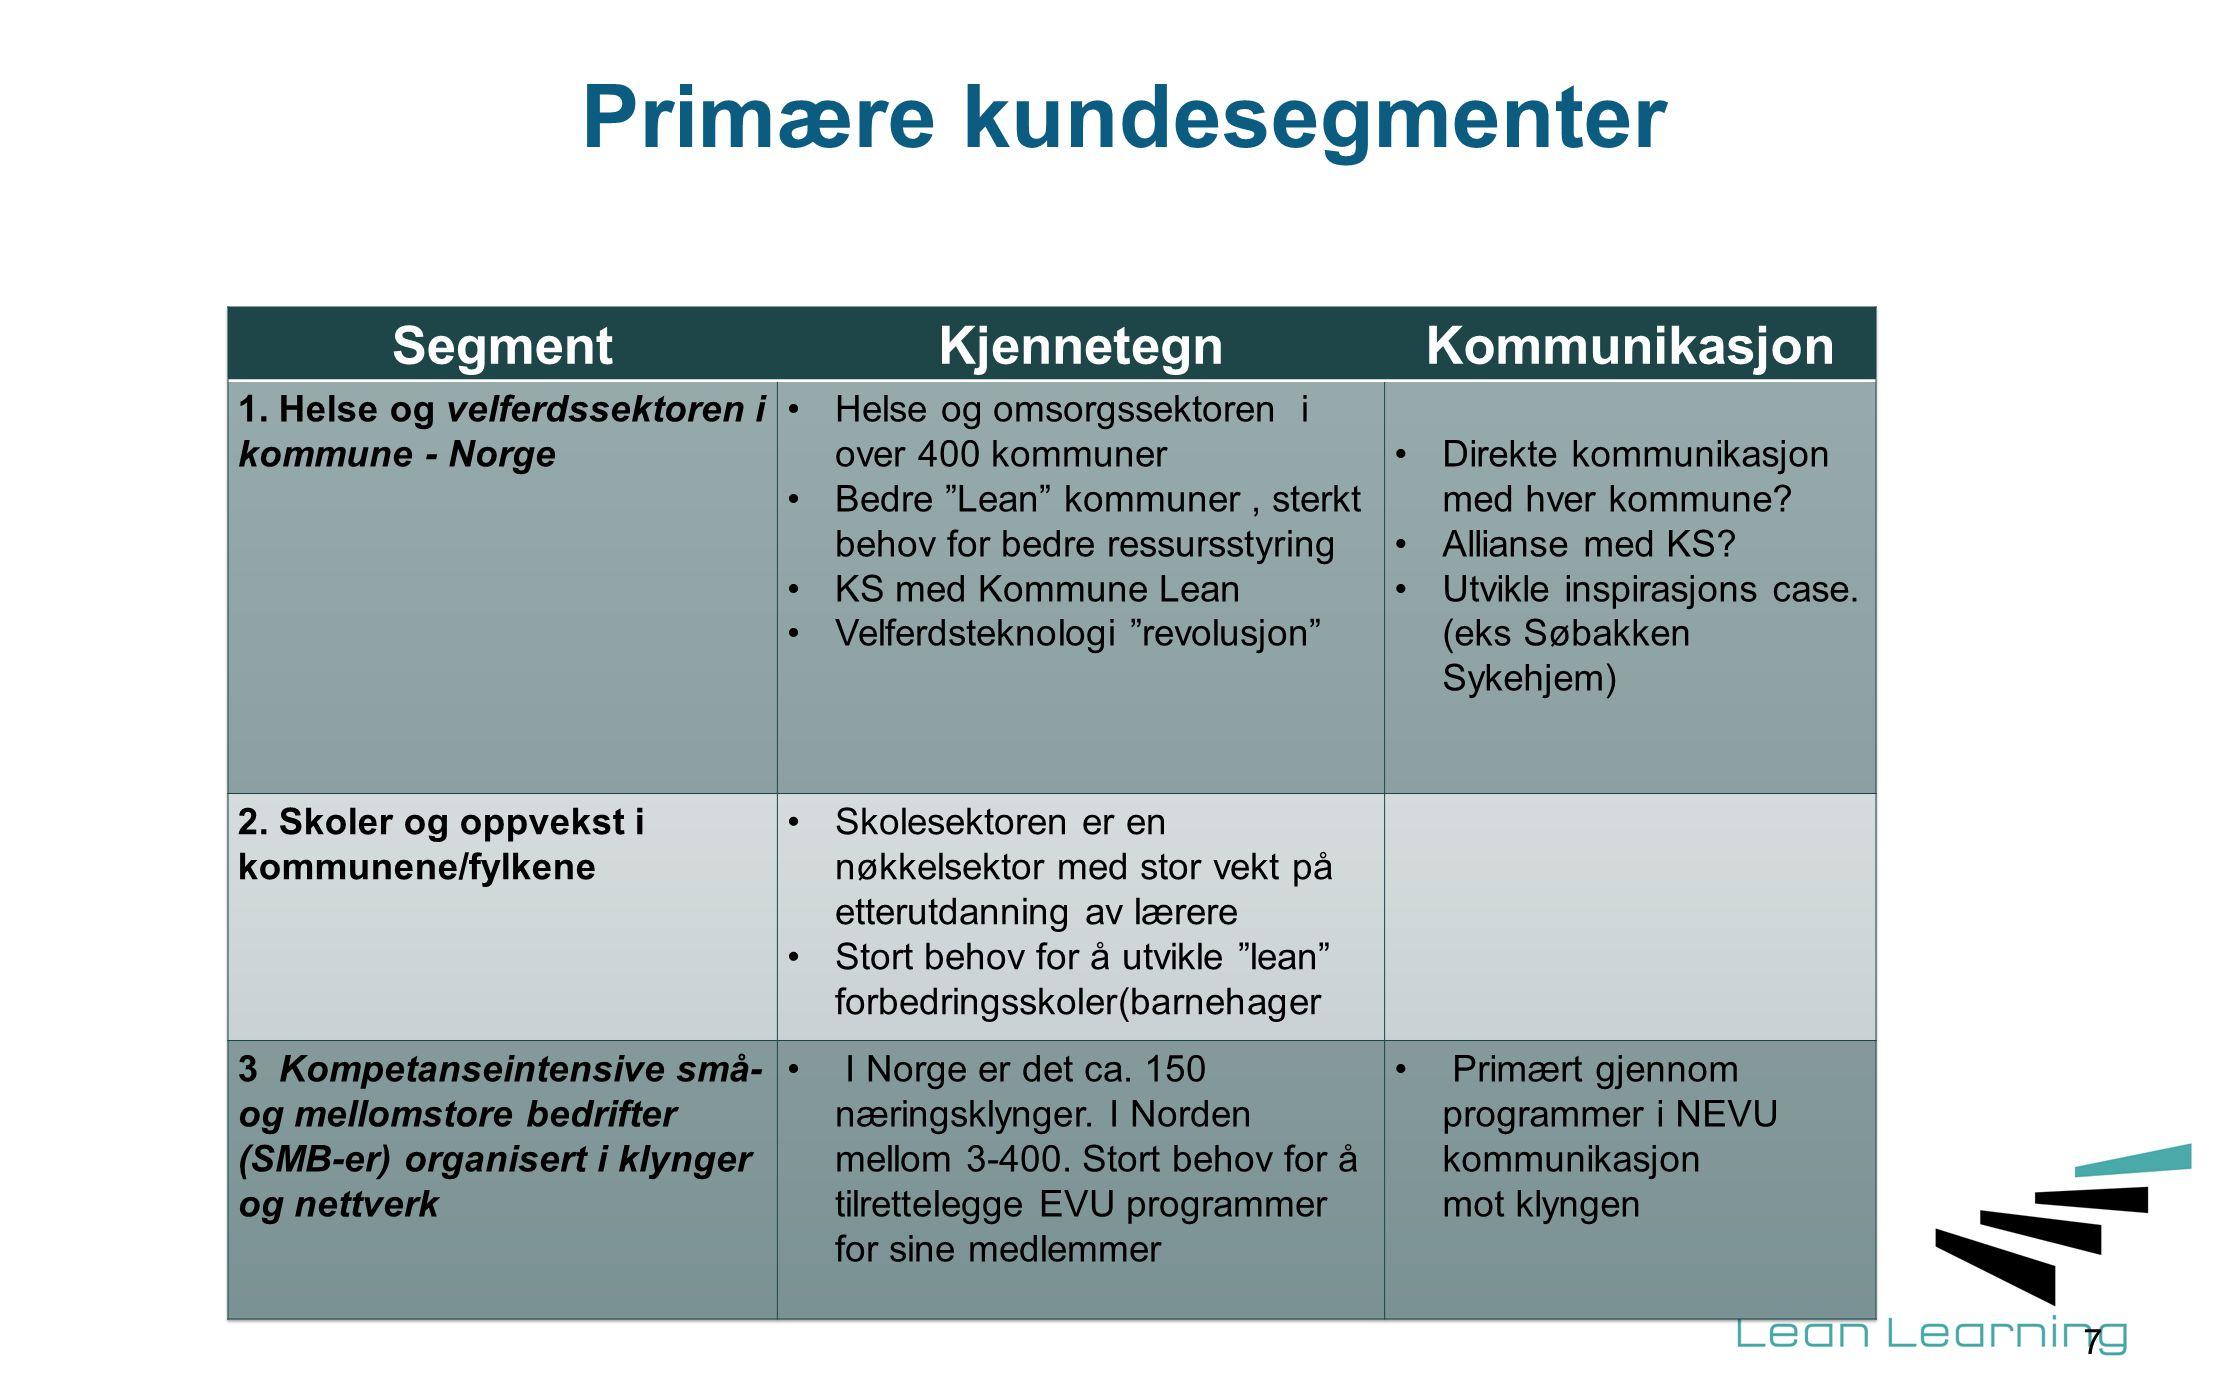 Primære kundesegmenter 7